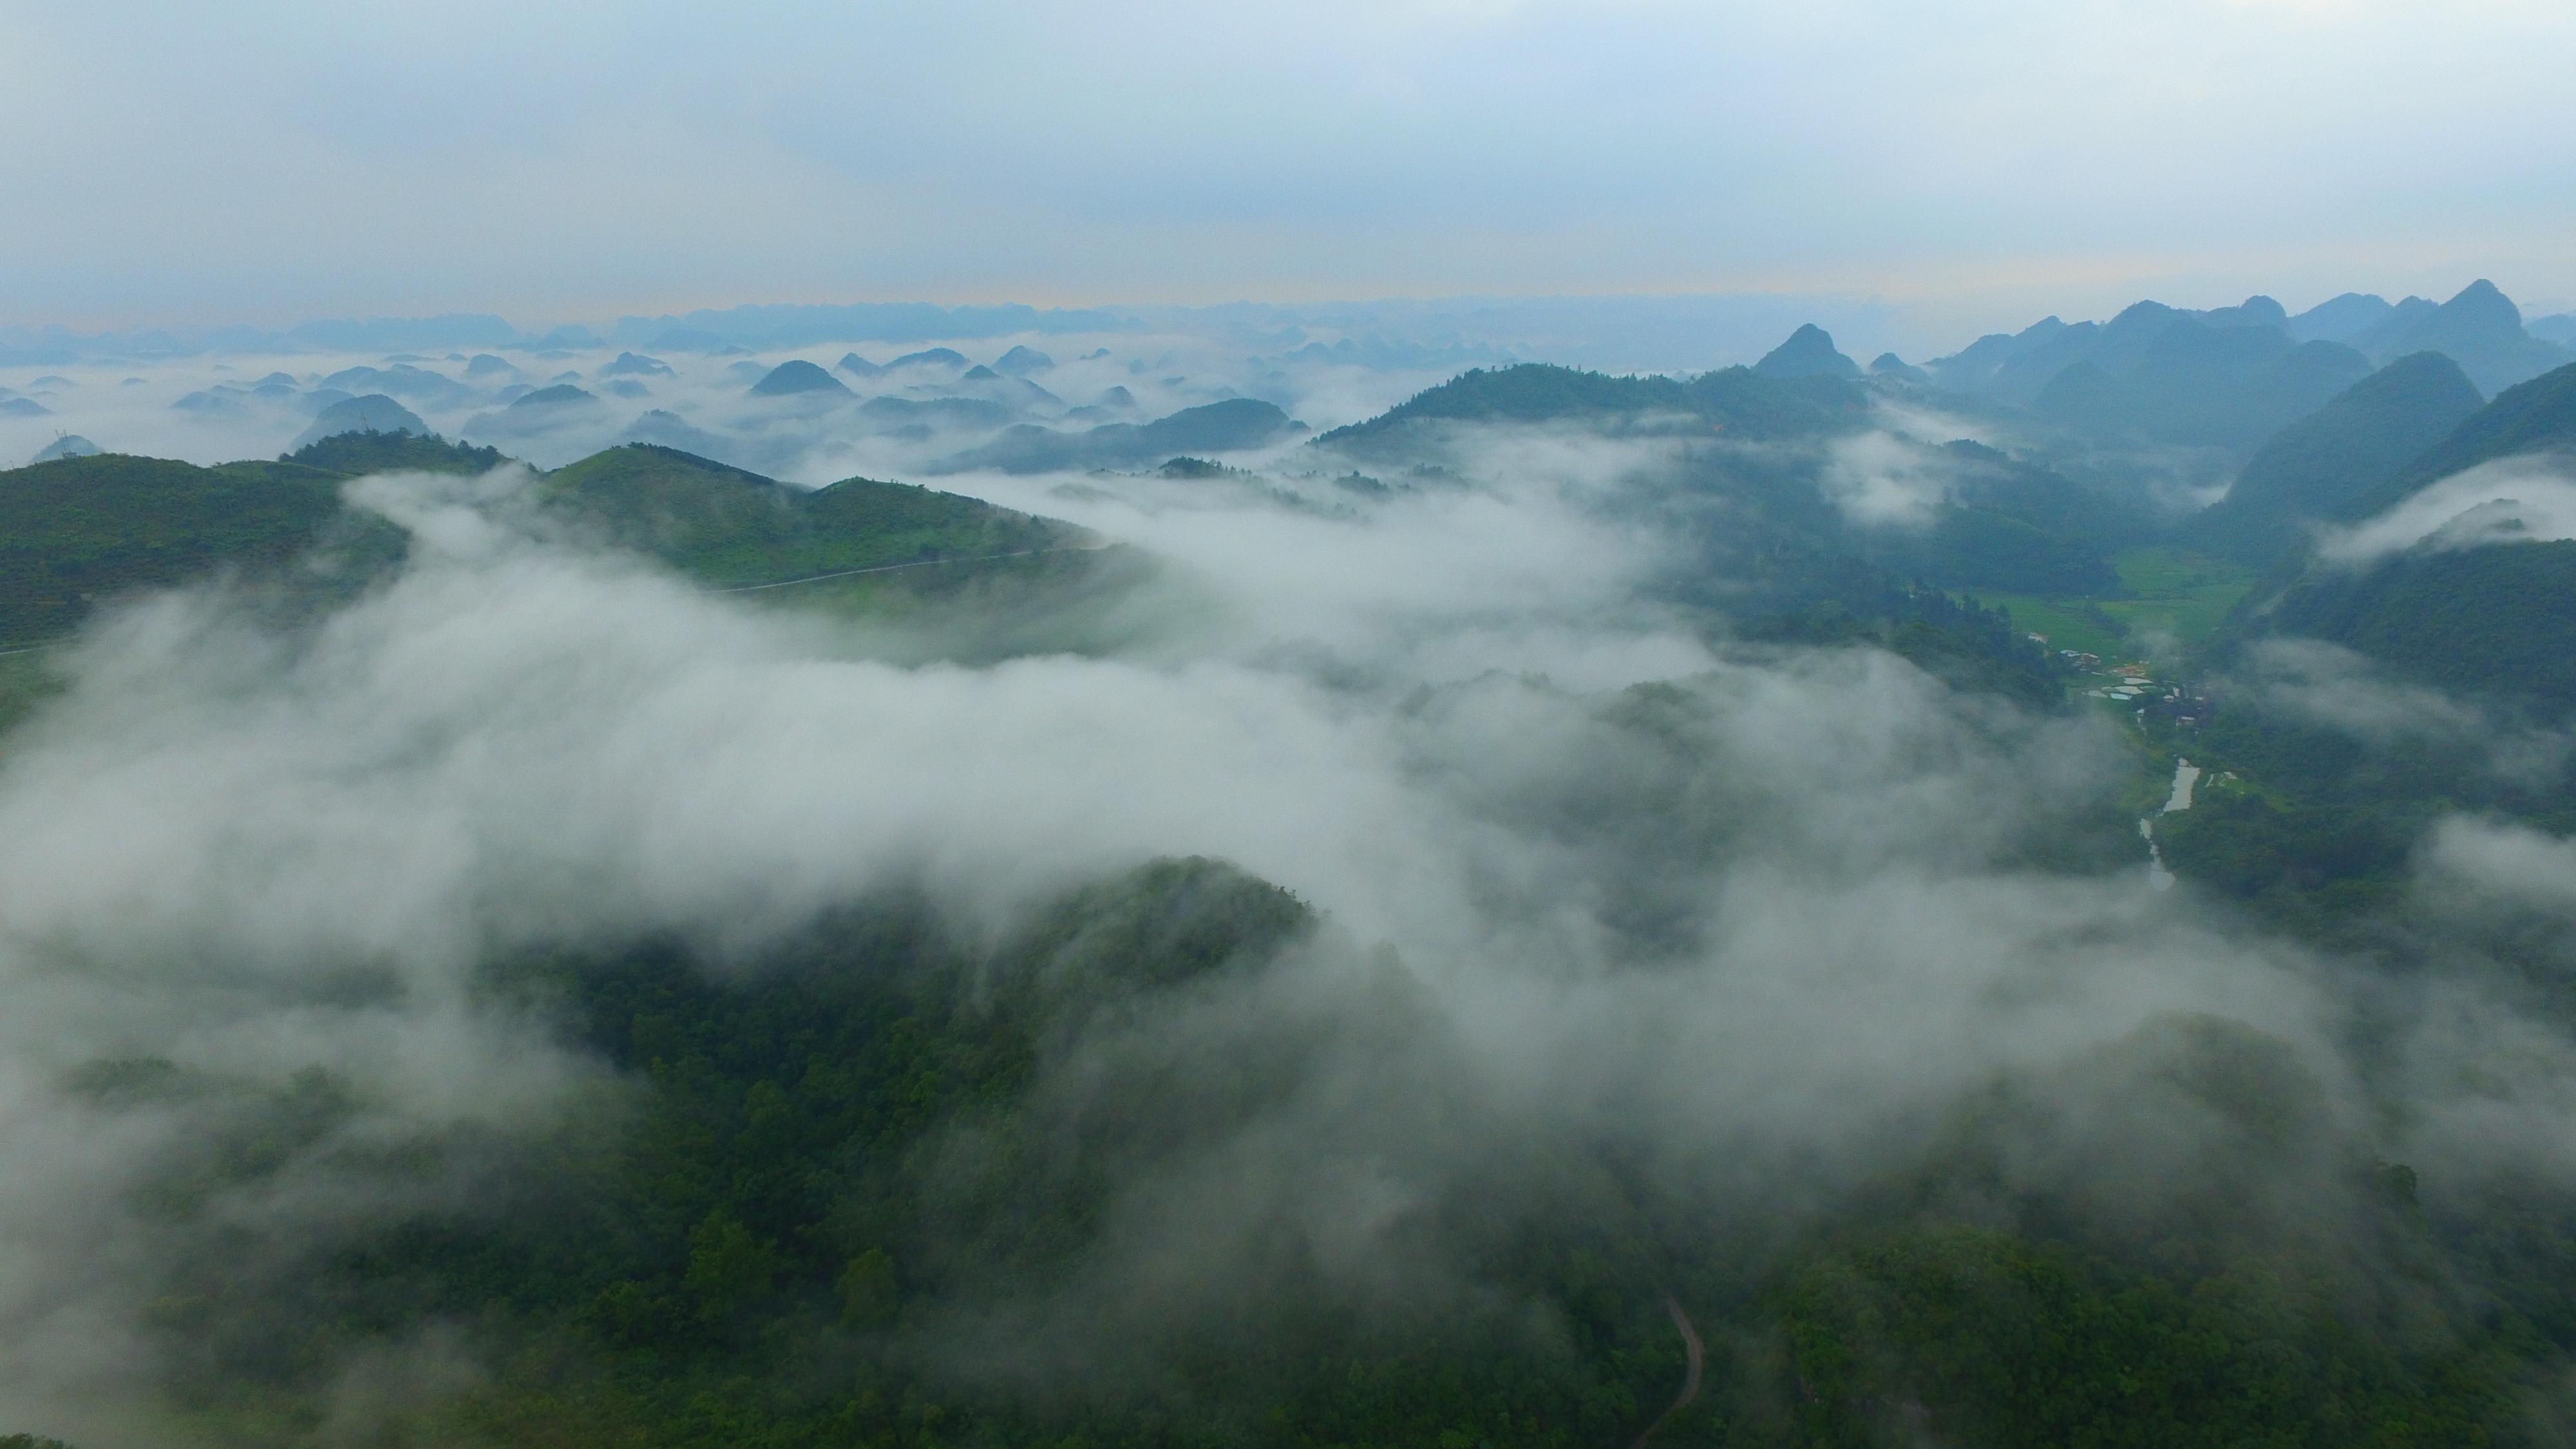 仙境_贵州隐藏仙境,入选世遗名录和选美中国